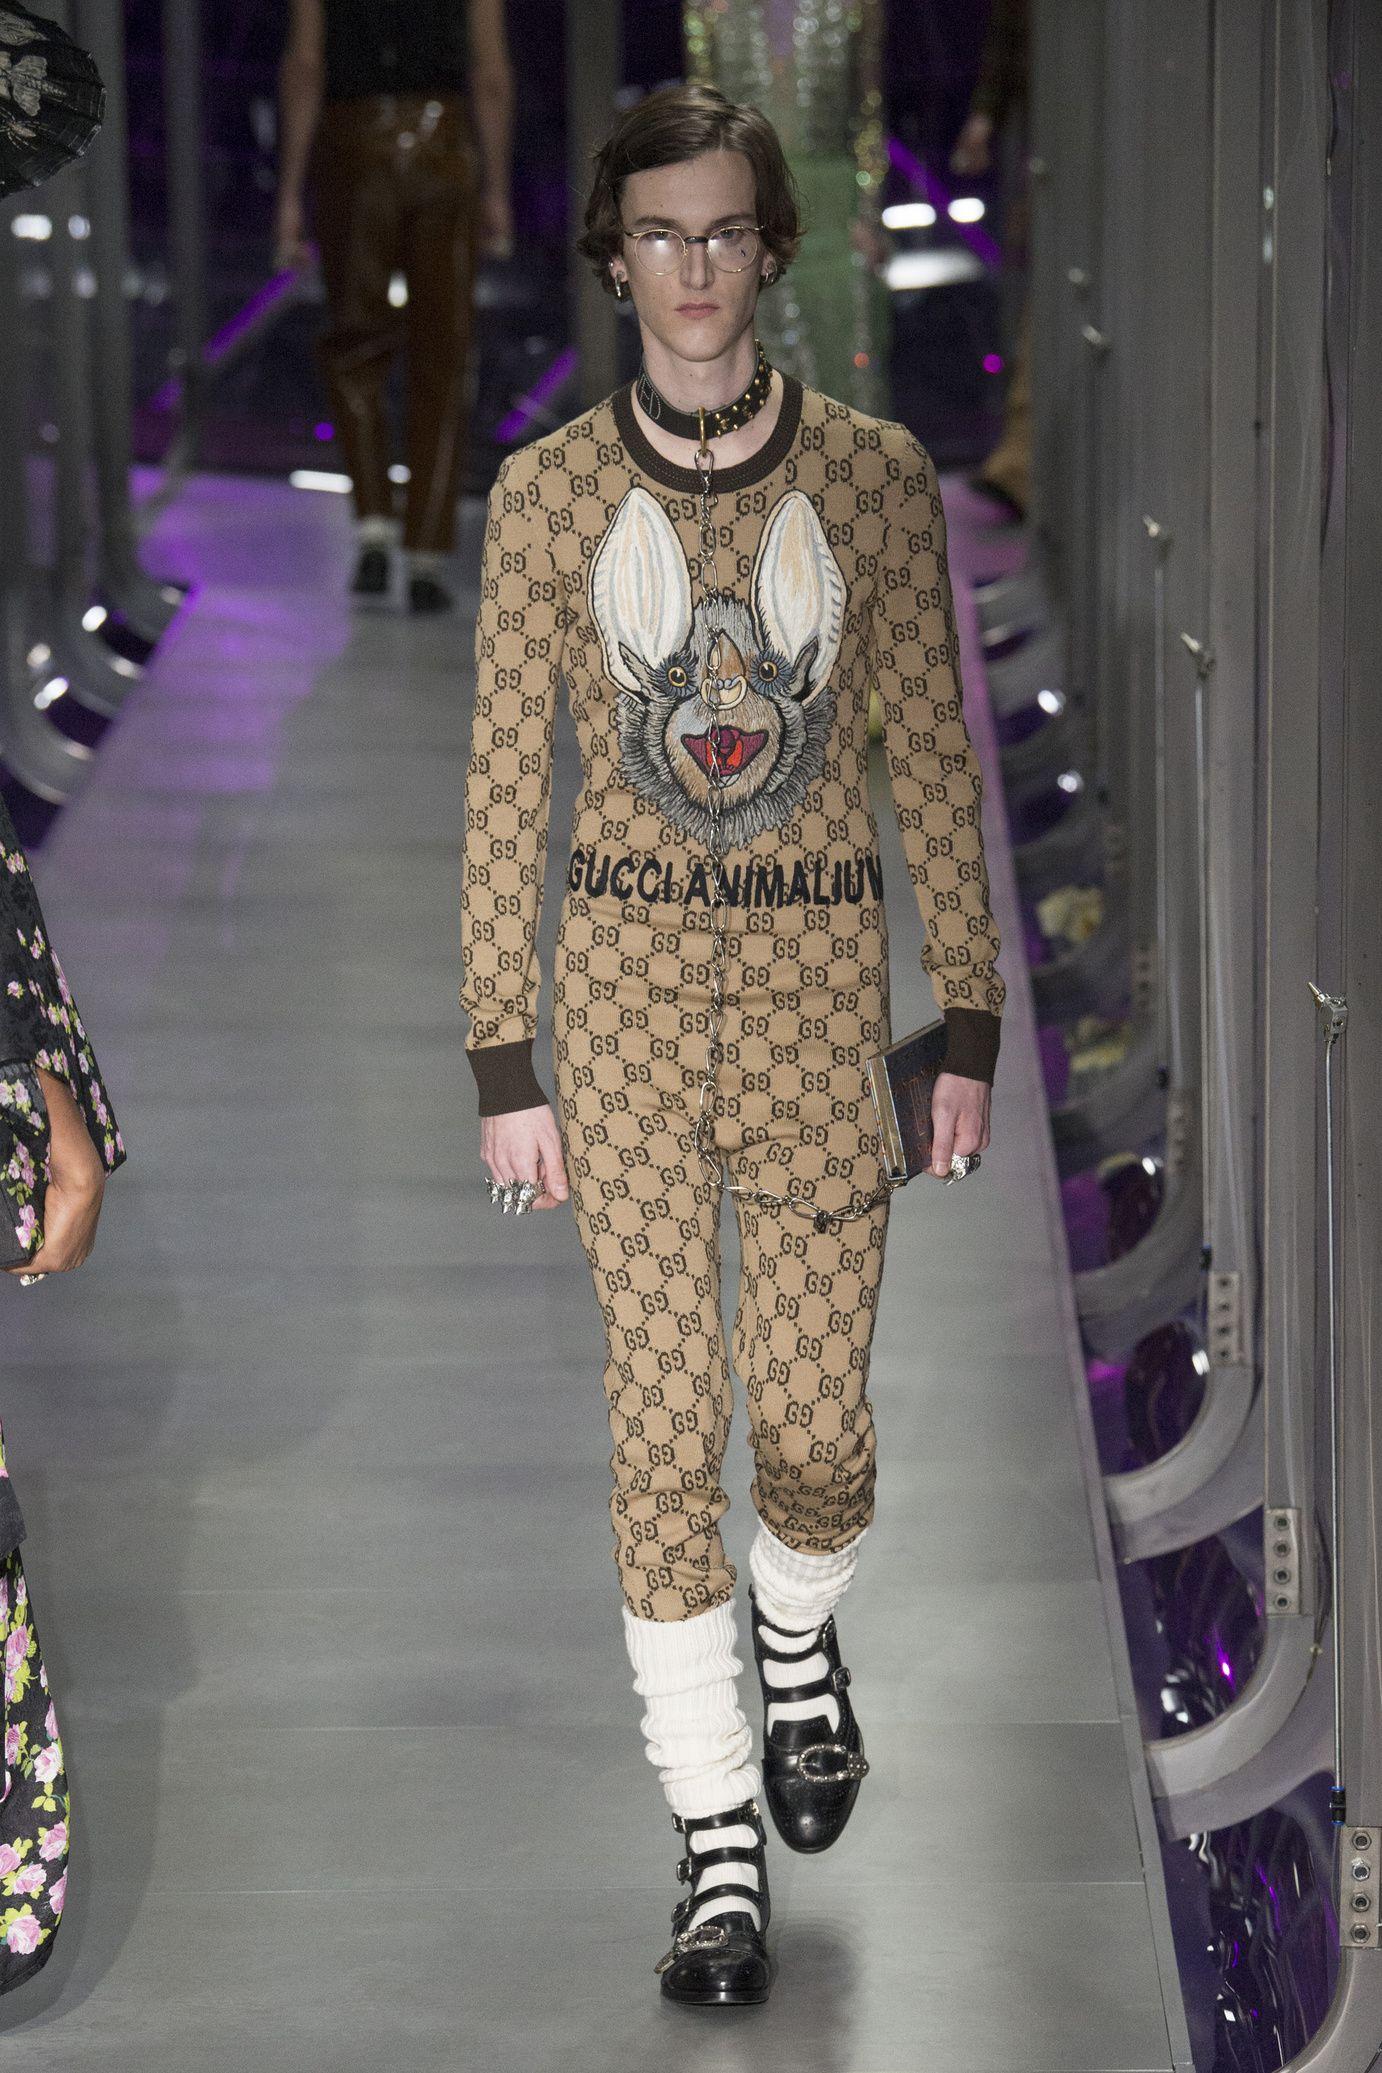 Défilé Gucci Prêt à Porter Femme Automne Hiver 2017 2018 Fashion